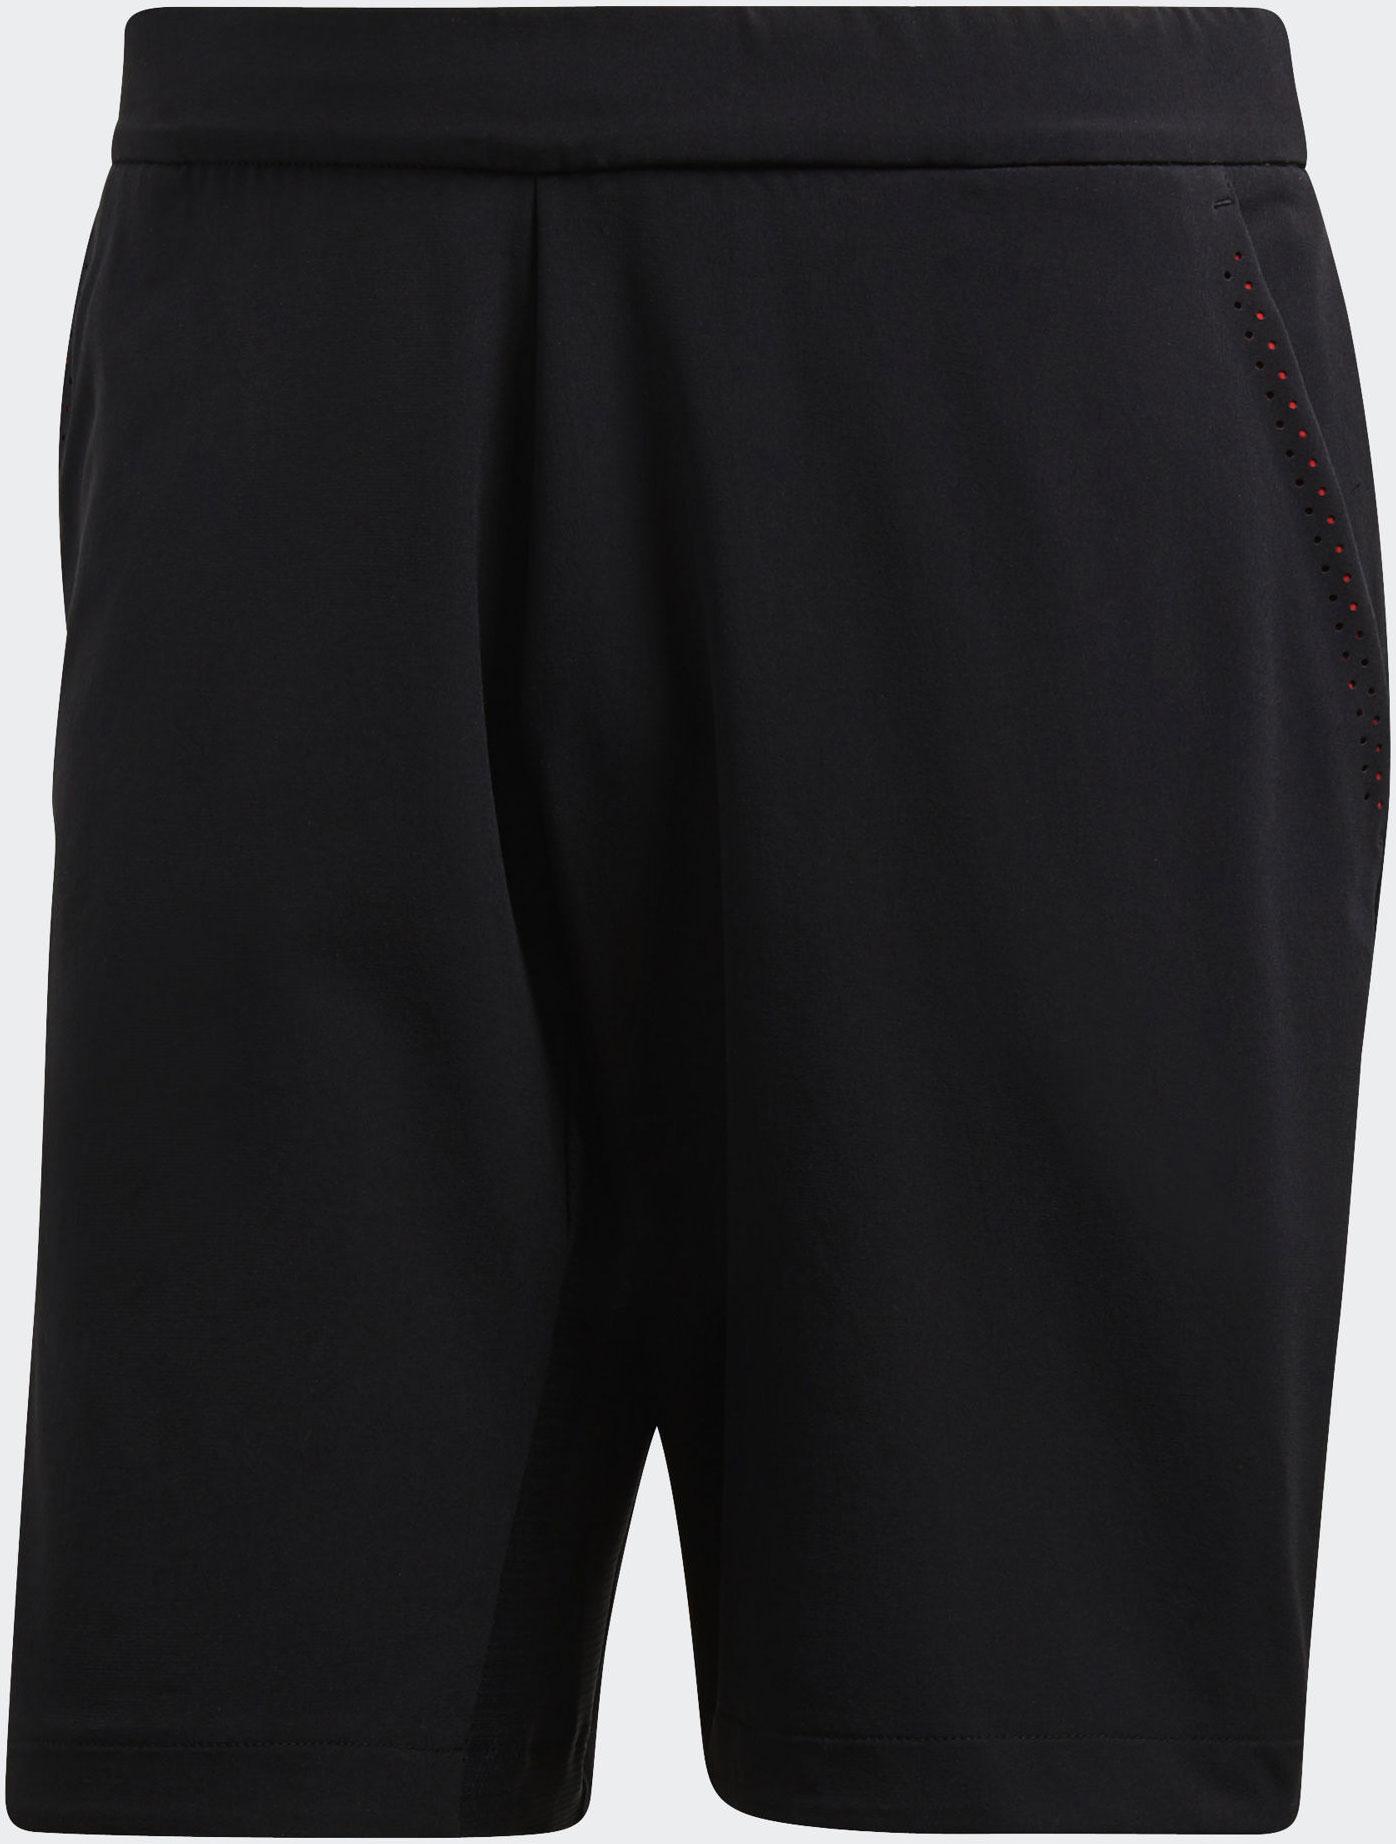 Шорты мужские Adidas Bcade Bermuda, цвет: черный. CE1392. Размер XXL (60/62)CE1392Мужские теннисные шорты от Adidas прекрасно подойдут для жаркой погоды. Эти бермуды выбирают профессиональные спортсмены. Сетчатая вставка обеспечивает циркуляцию воздуха. Быстросохнущая дышащая ткань с технологией Climacool сохраняет приятное ощущение прохлады и свежести и защищает от УФ-лучей. Боковые прорезные карманы позволяют носить с собой необходимые мелочи. Широкий эластичный пояс на регулируемых завязках-шнурках с зигзагообразной линией дарит комфорт при носке.